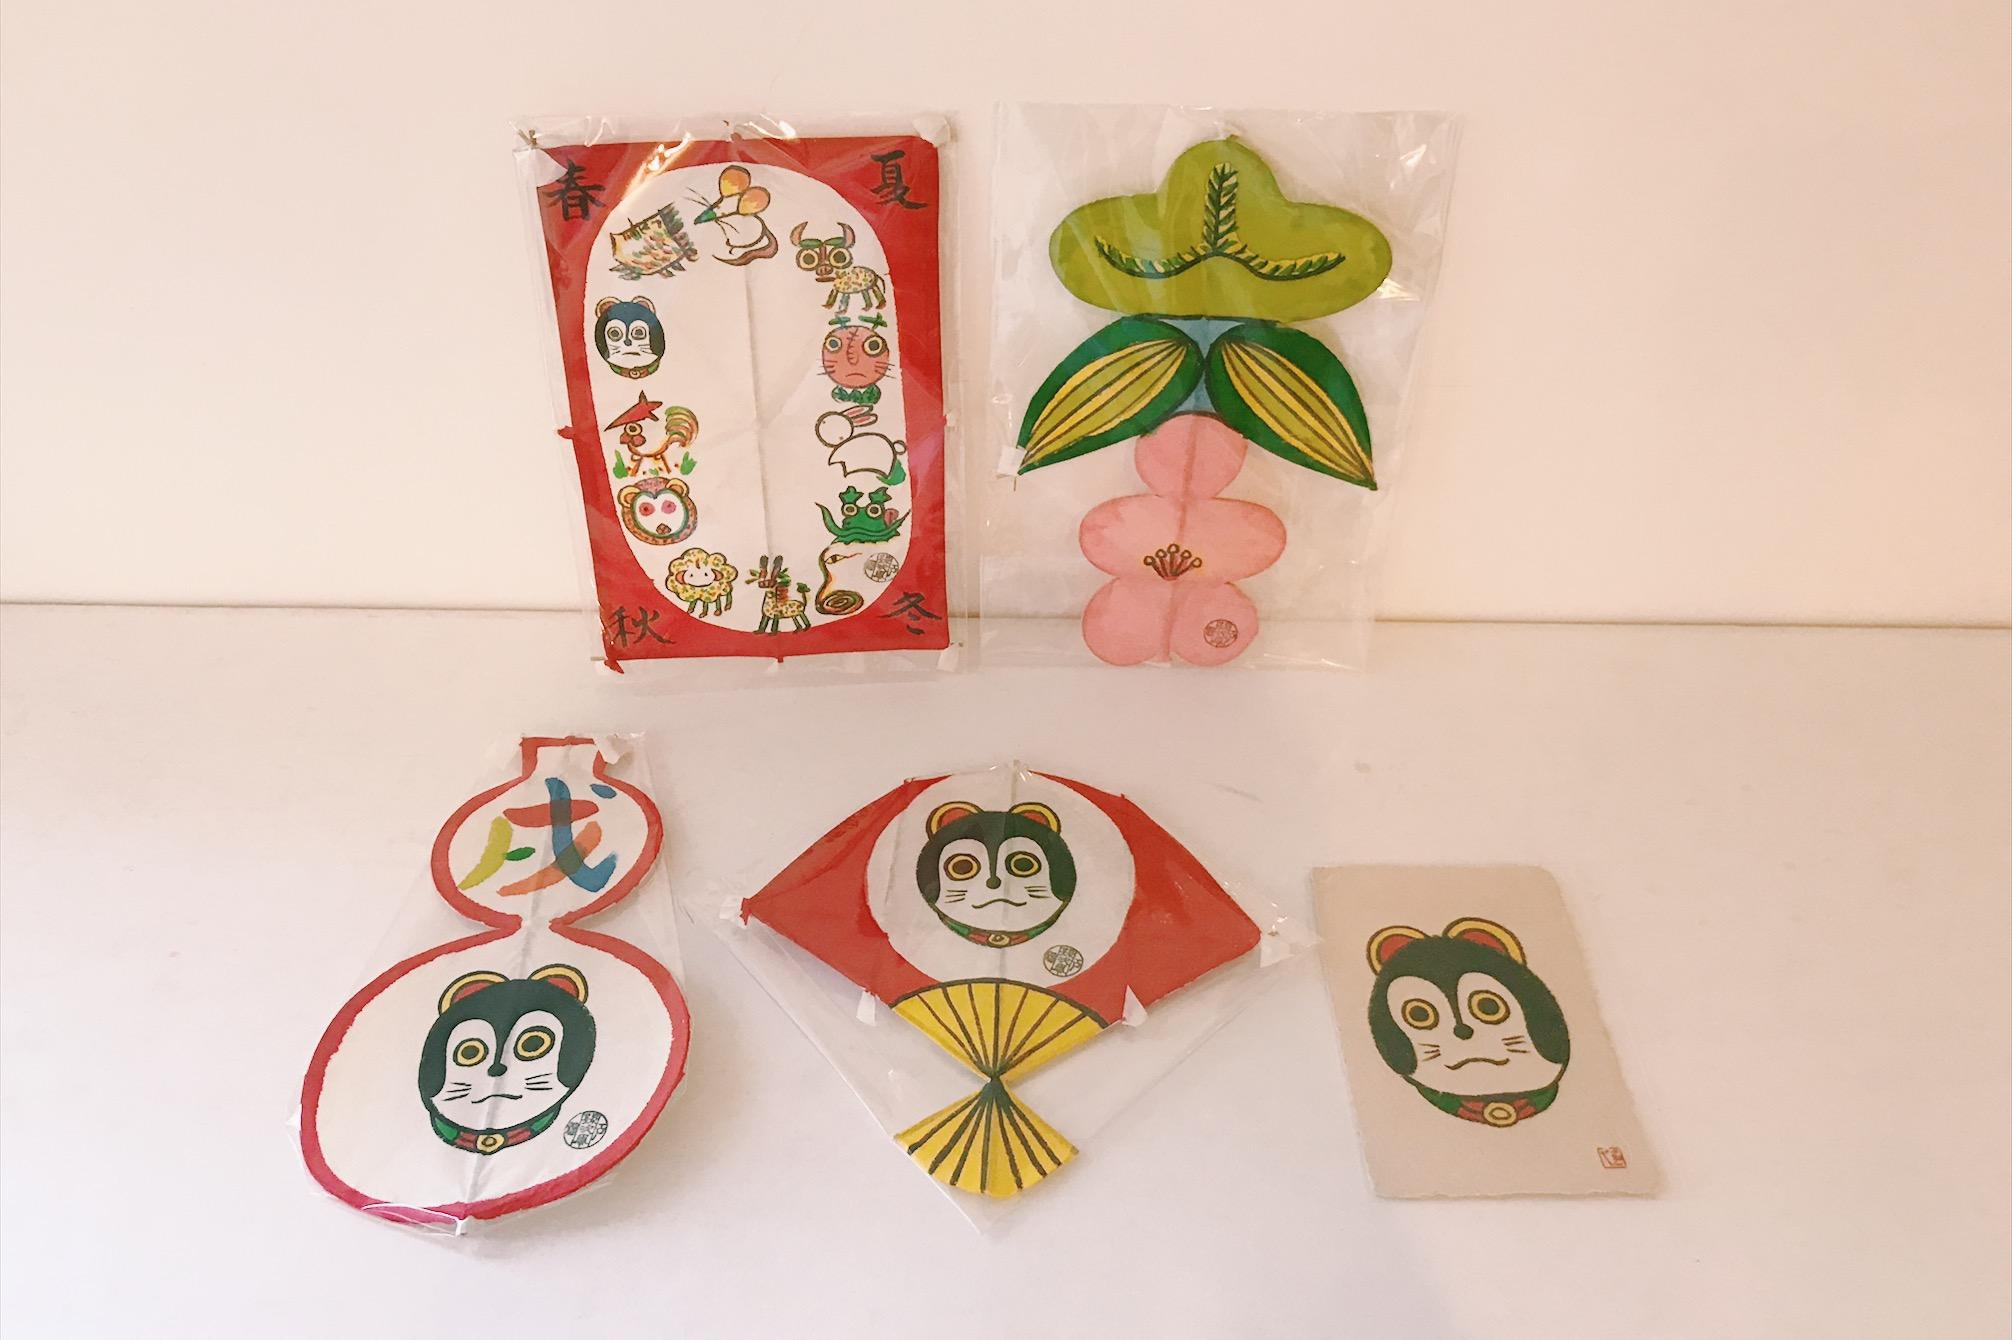 http://www.schule.jp/hibinokoto/A1758B7E-4F89-4D5E-96AD-523B1AED9F10.JPG